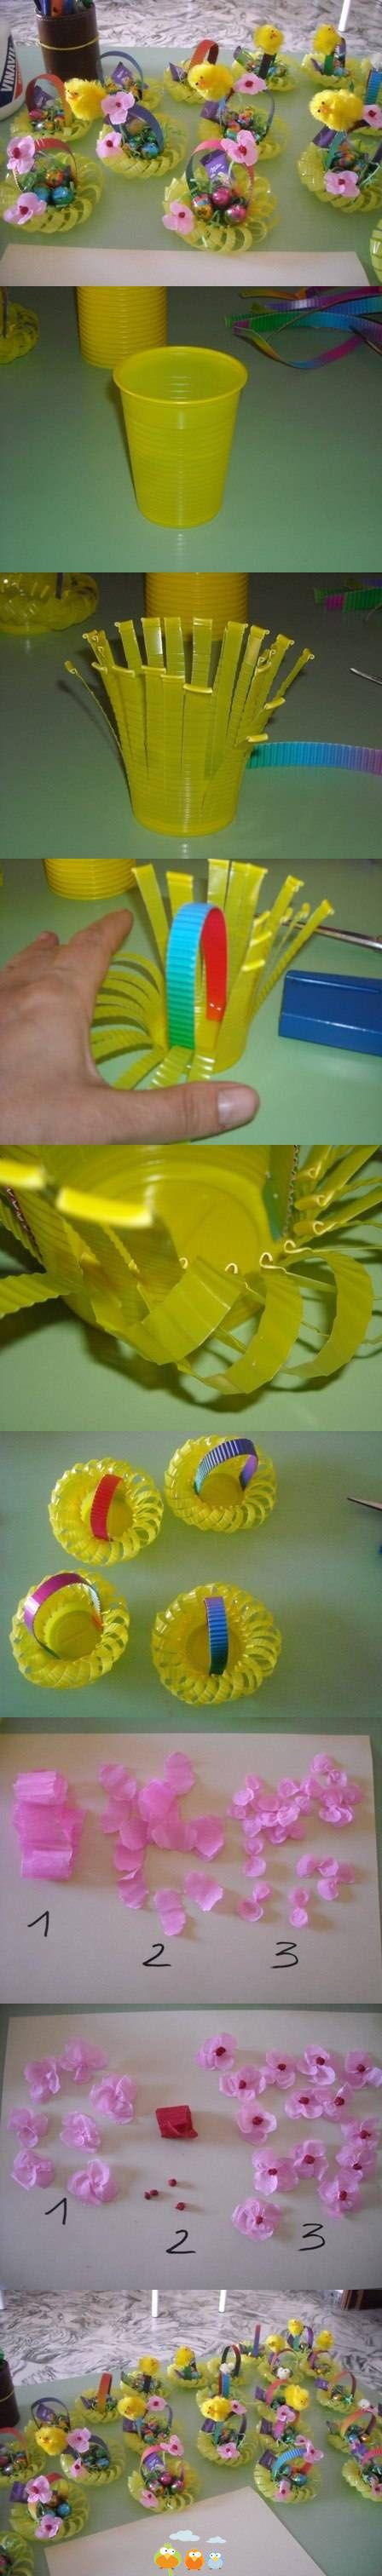 de canastitas de decoracion hechas de vasos plasticos.